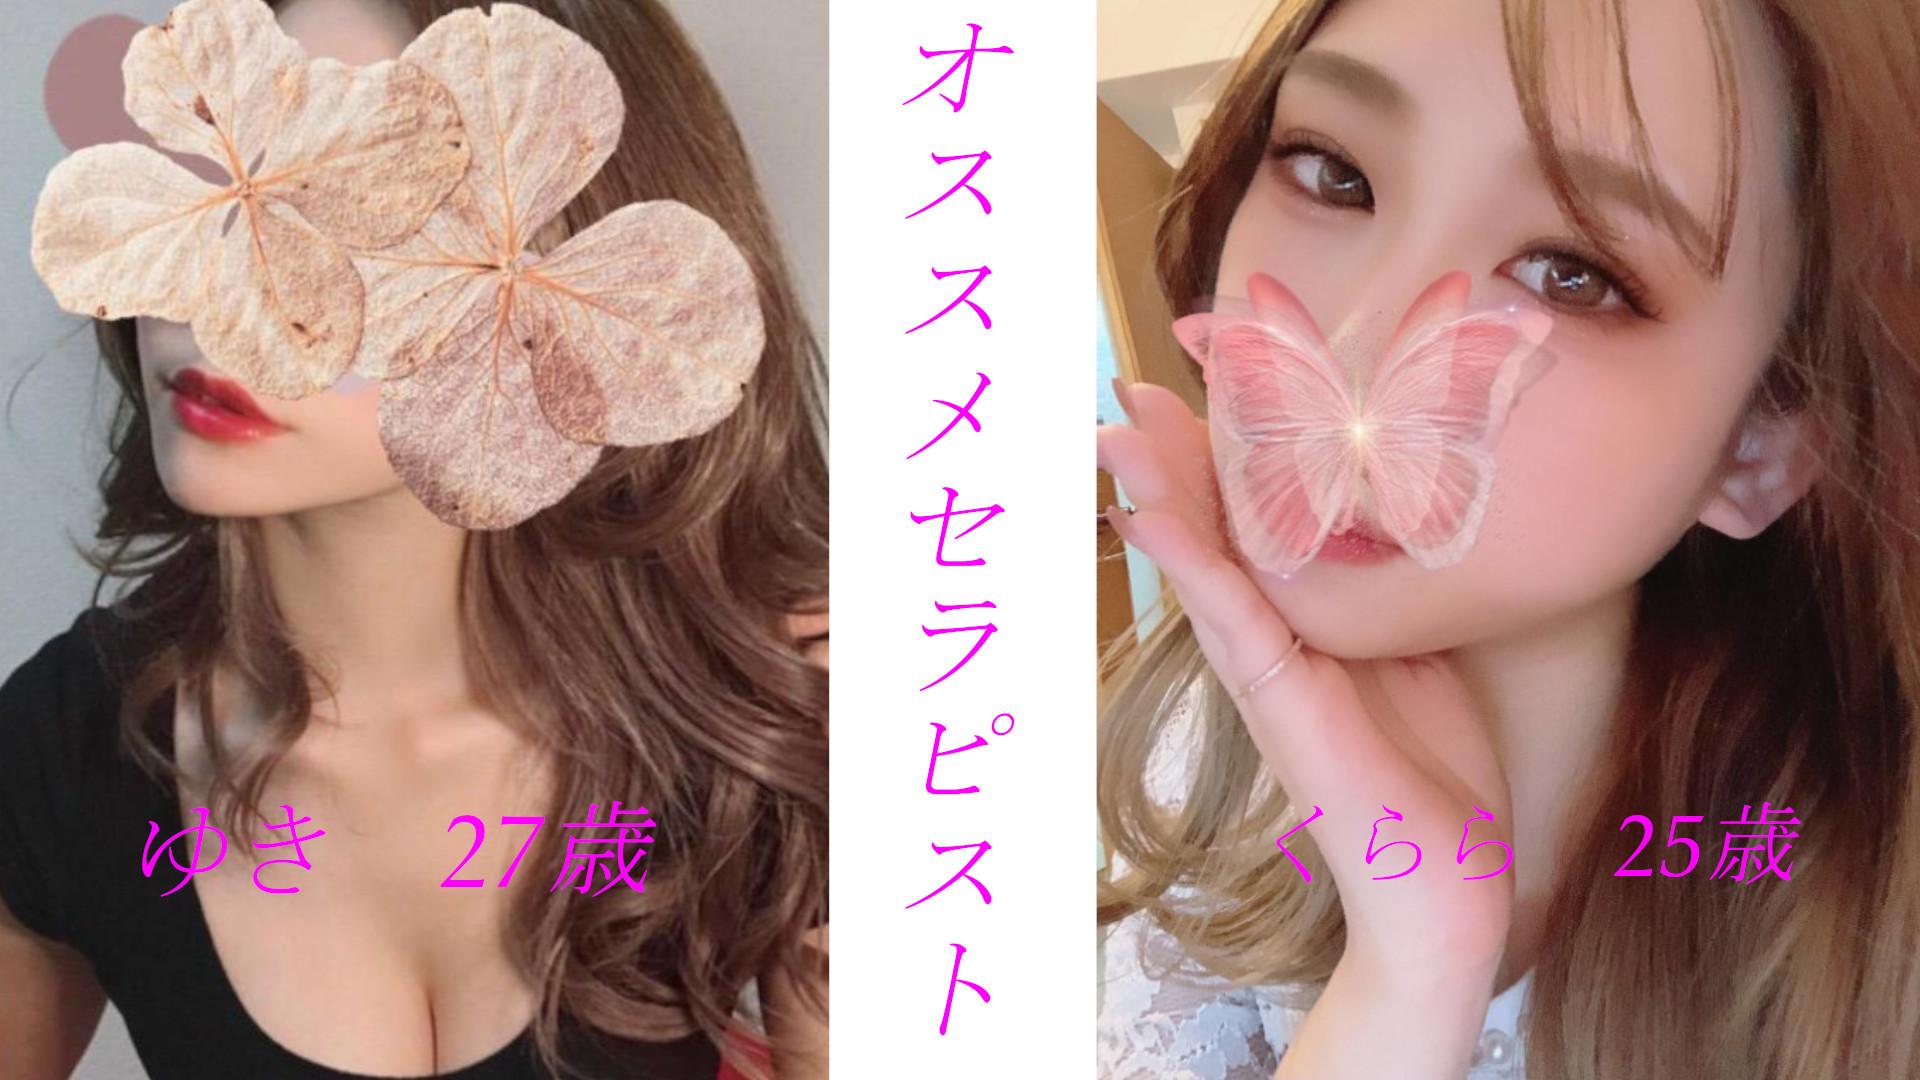 ★本日のおススメセラピスト★